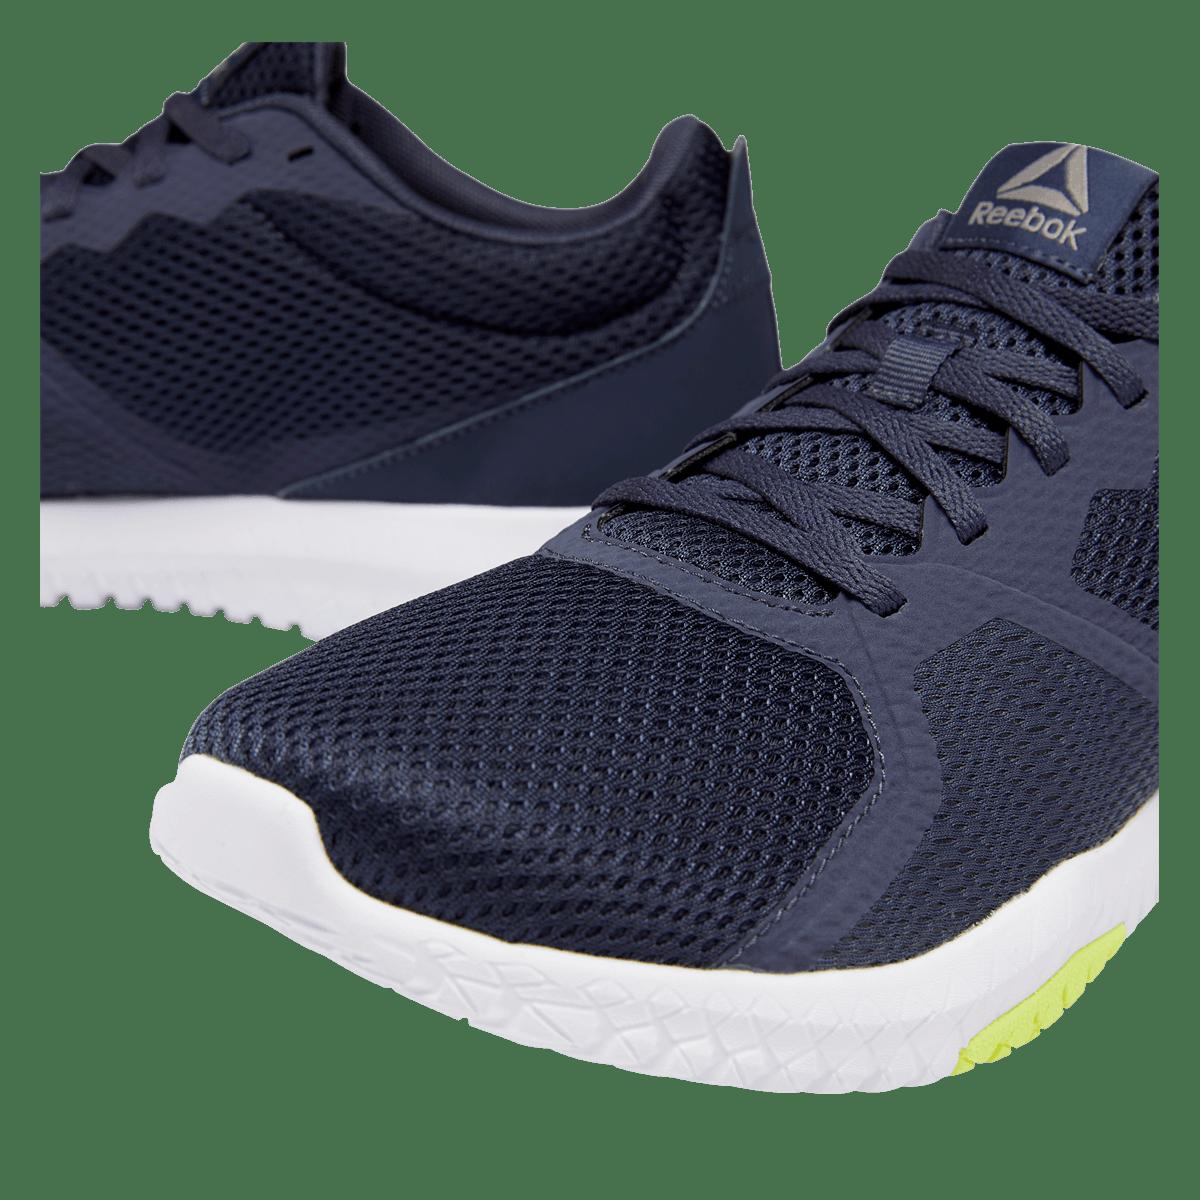 Reebok schoenen Flexagon Force donkerblauwwit